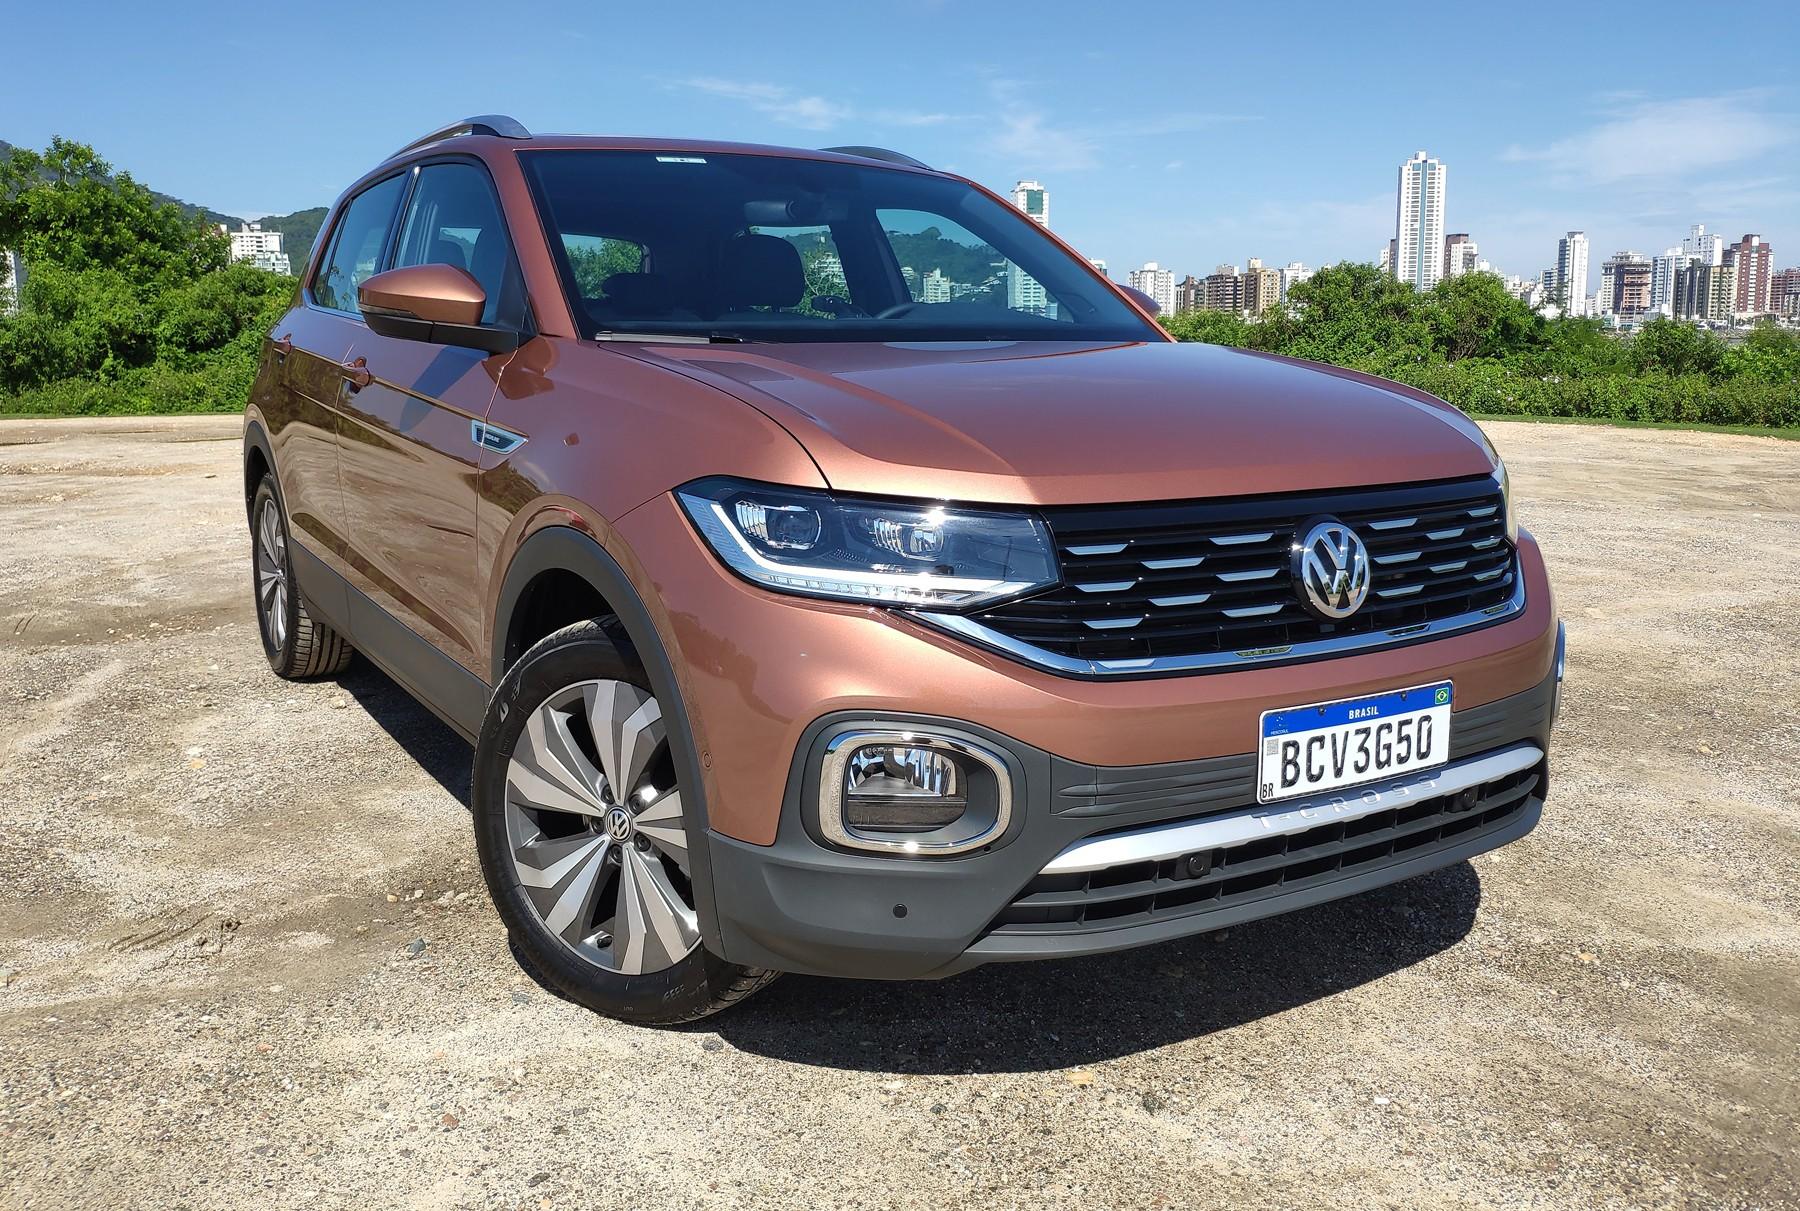 Volkswagen chama recall do T-Cross por risco de trinca no eixo traseiro - Notícias - Plantão Diário